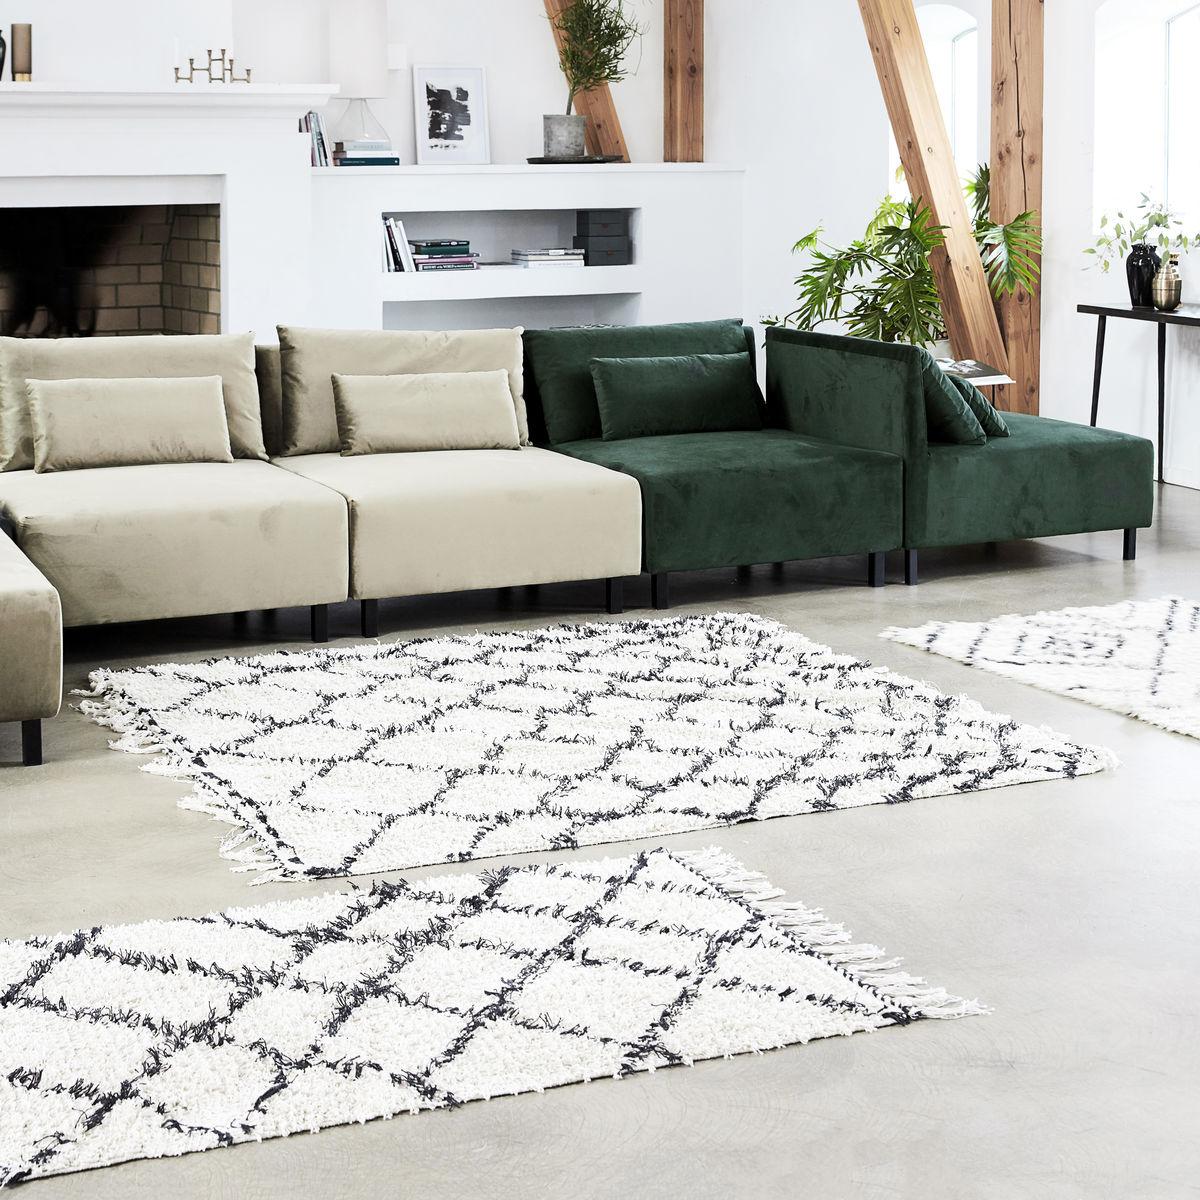 Tapete Zena, c/franjas, algodão, 180x180 cm